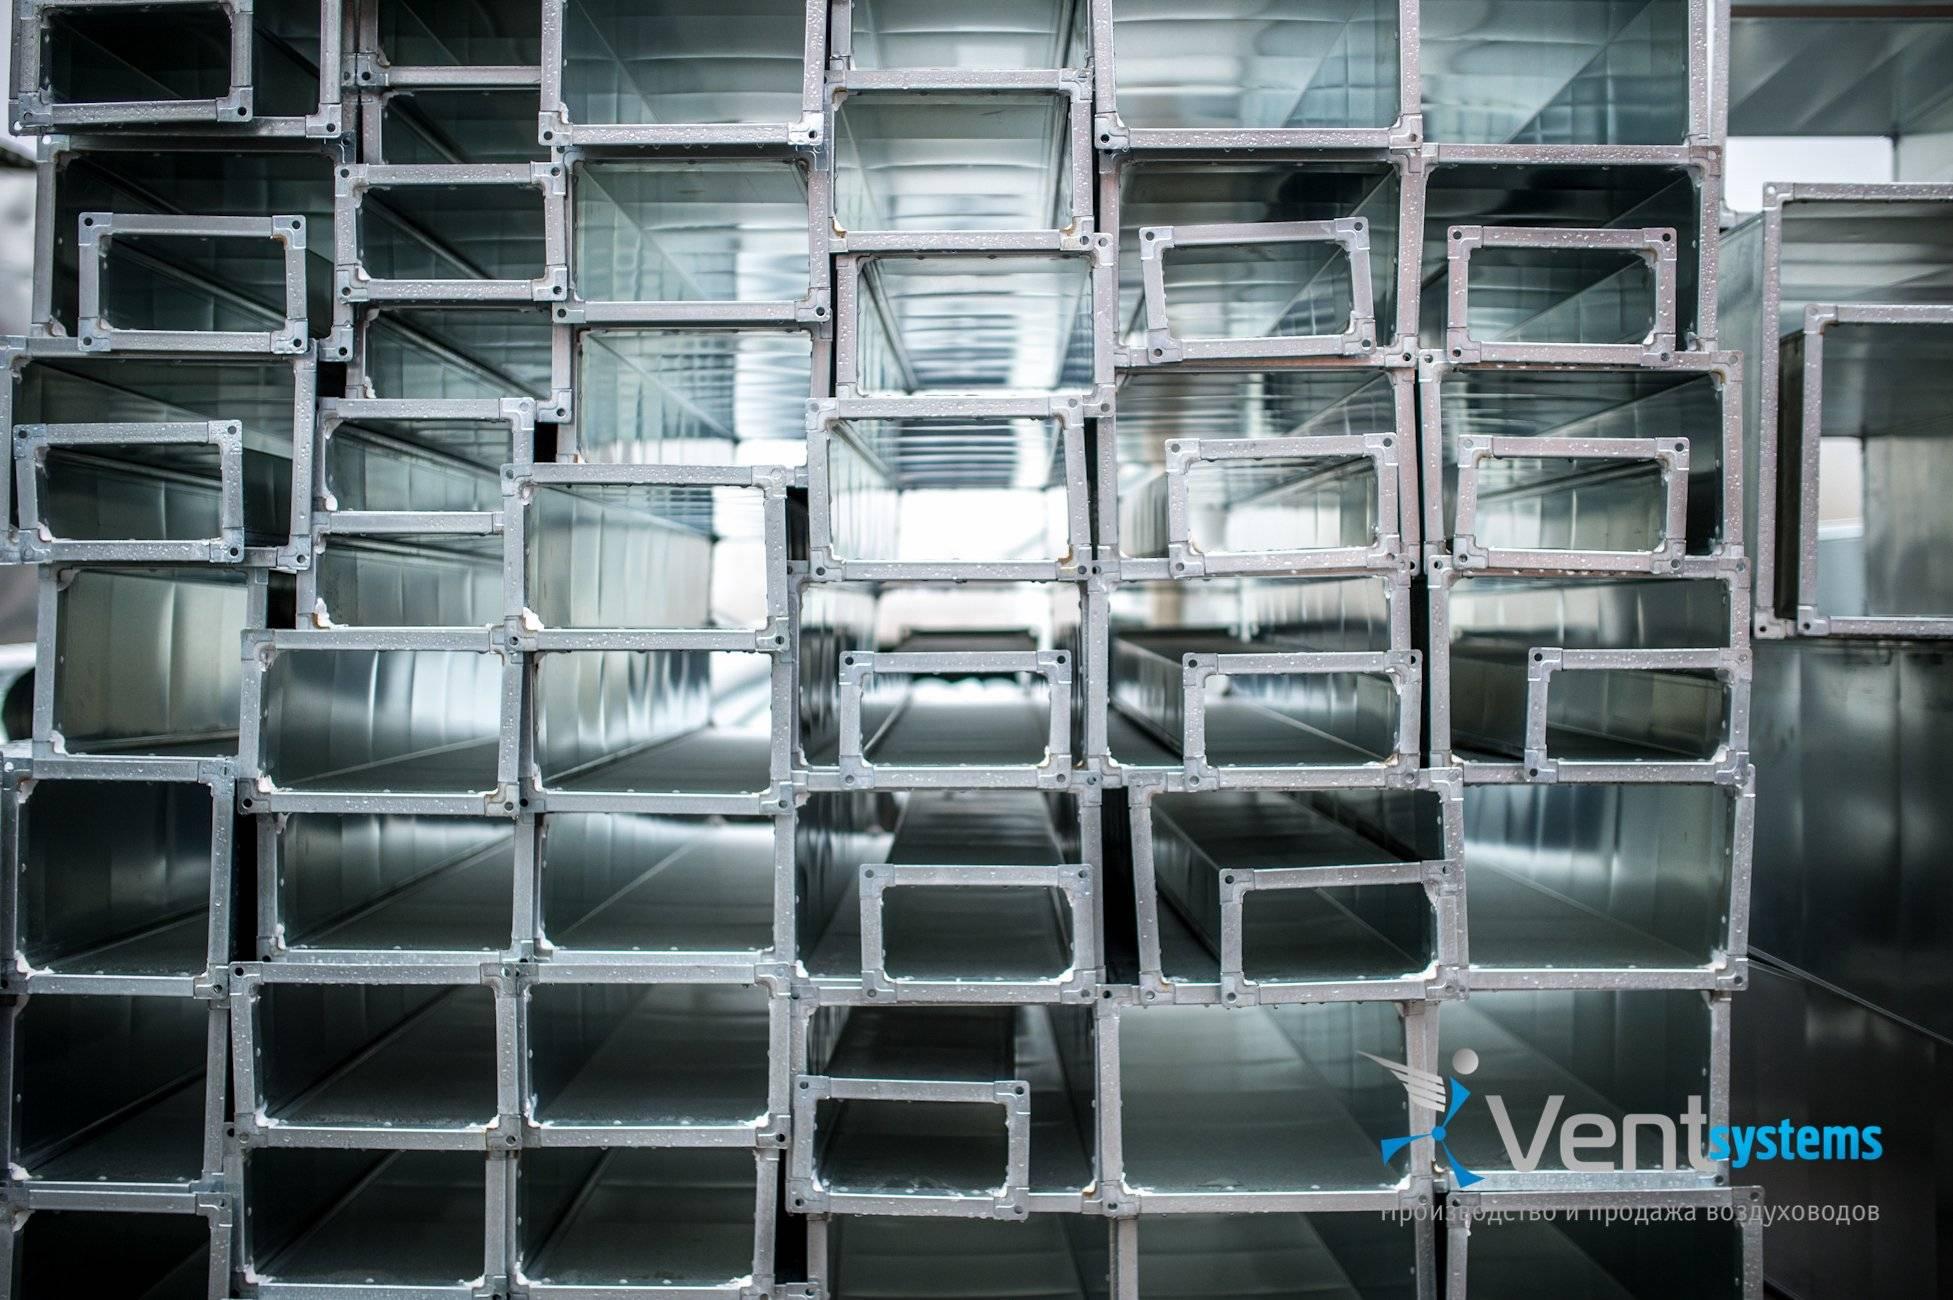 Вентиляционные трубы: воздуховод для вентиляции металлический, размеры, какие лучше